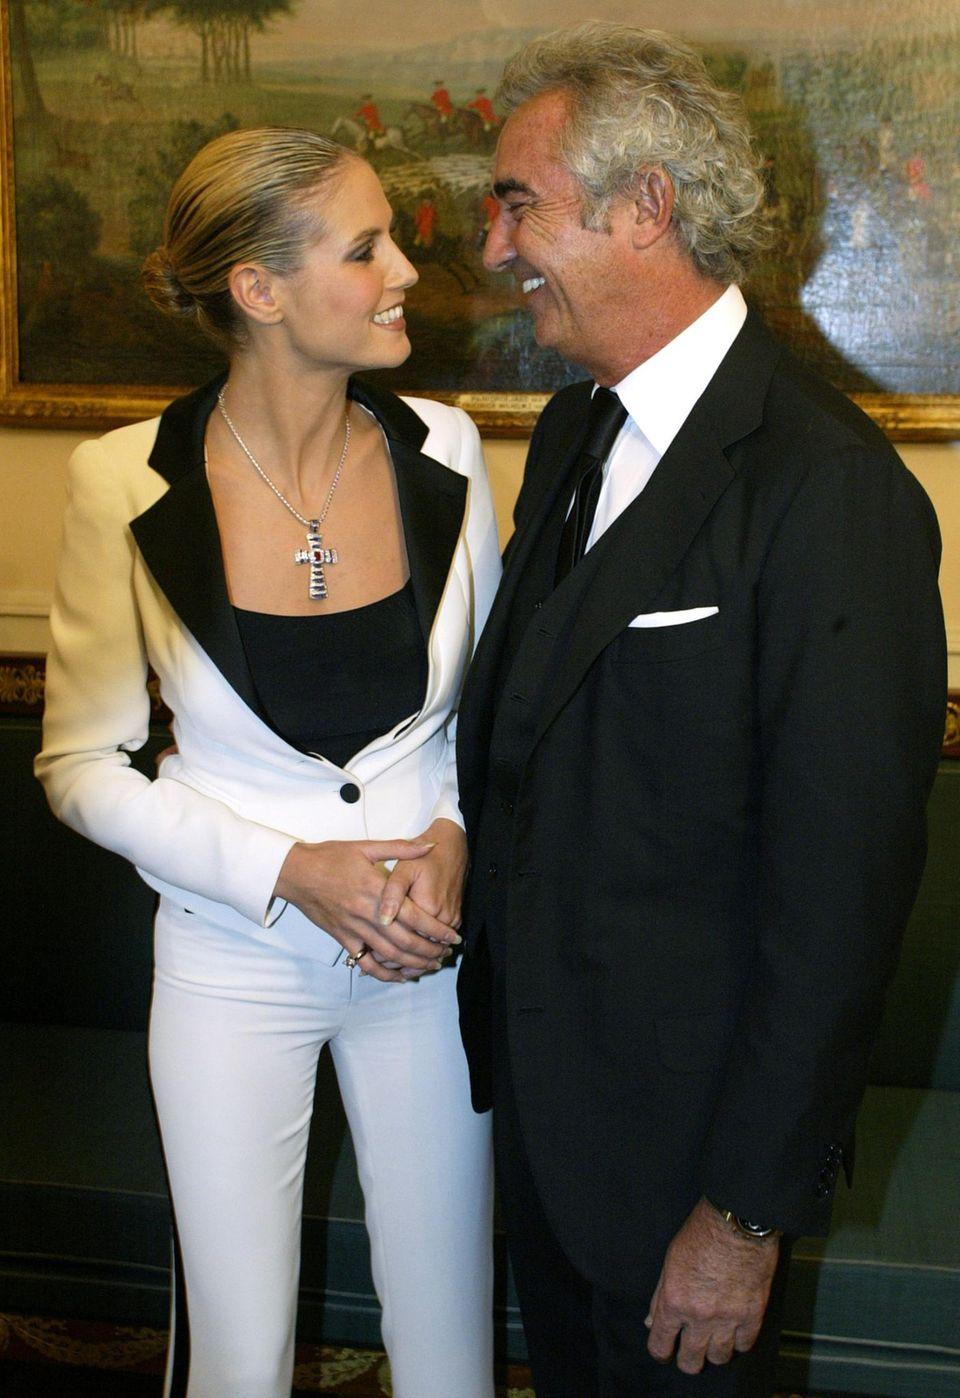 2003 lernt Heidi Klum Flavio Briatore kennen und lieben. Während der etwa einjährigen Beziehung wird Klum schwanger und bringt im Mai 2004 ihre erste Tochter zur Welt. Briatore bestreitet jedoch, Vater des Kindes zu sein.